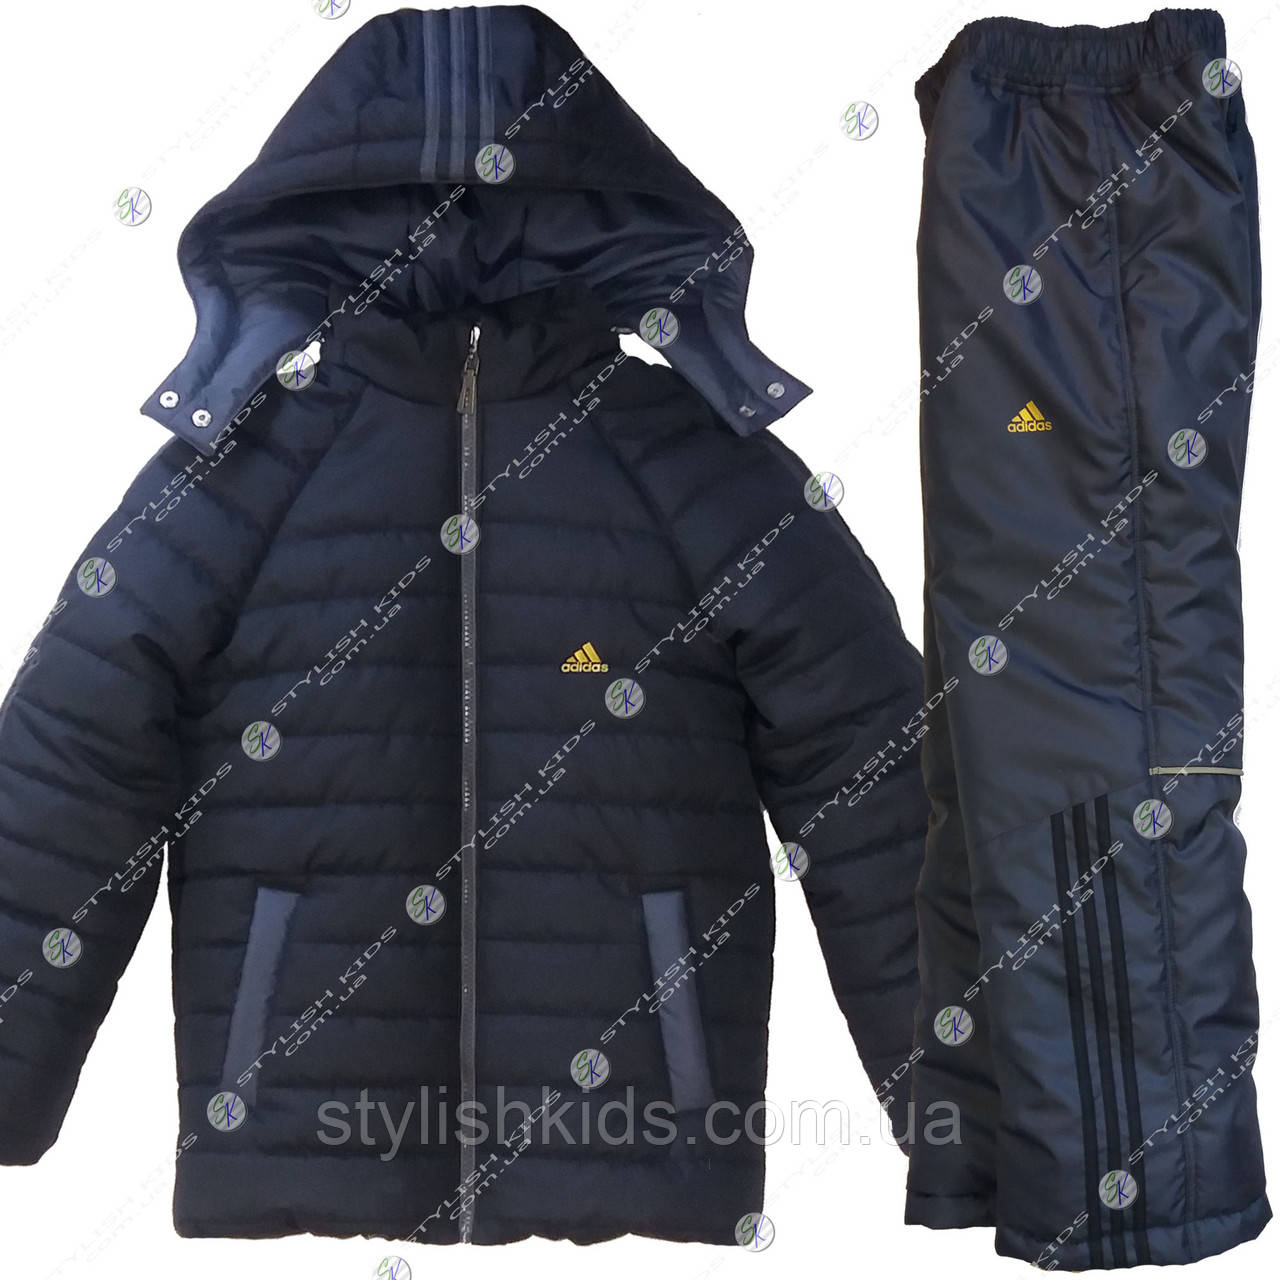 Зимний спортивный костюм адидас для мальчиков купить в интернет магазине. Купить зимний спортивный костюм . 01faa031f44